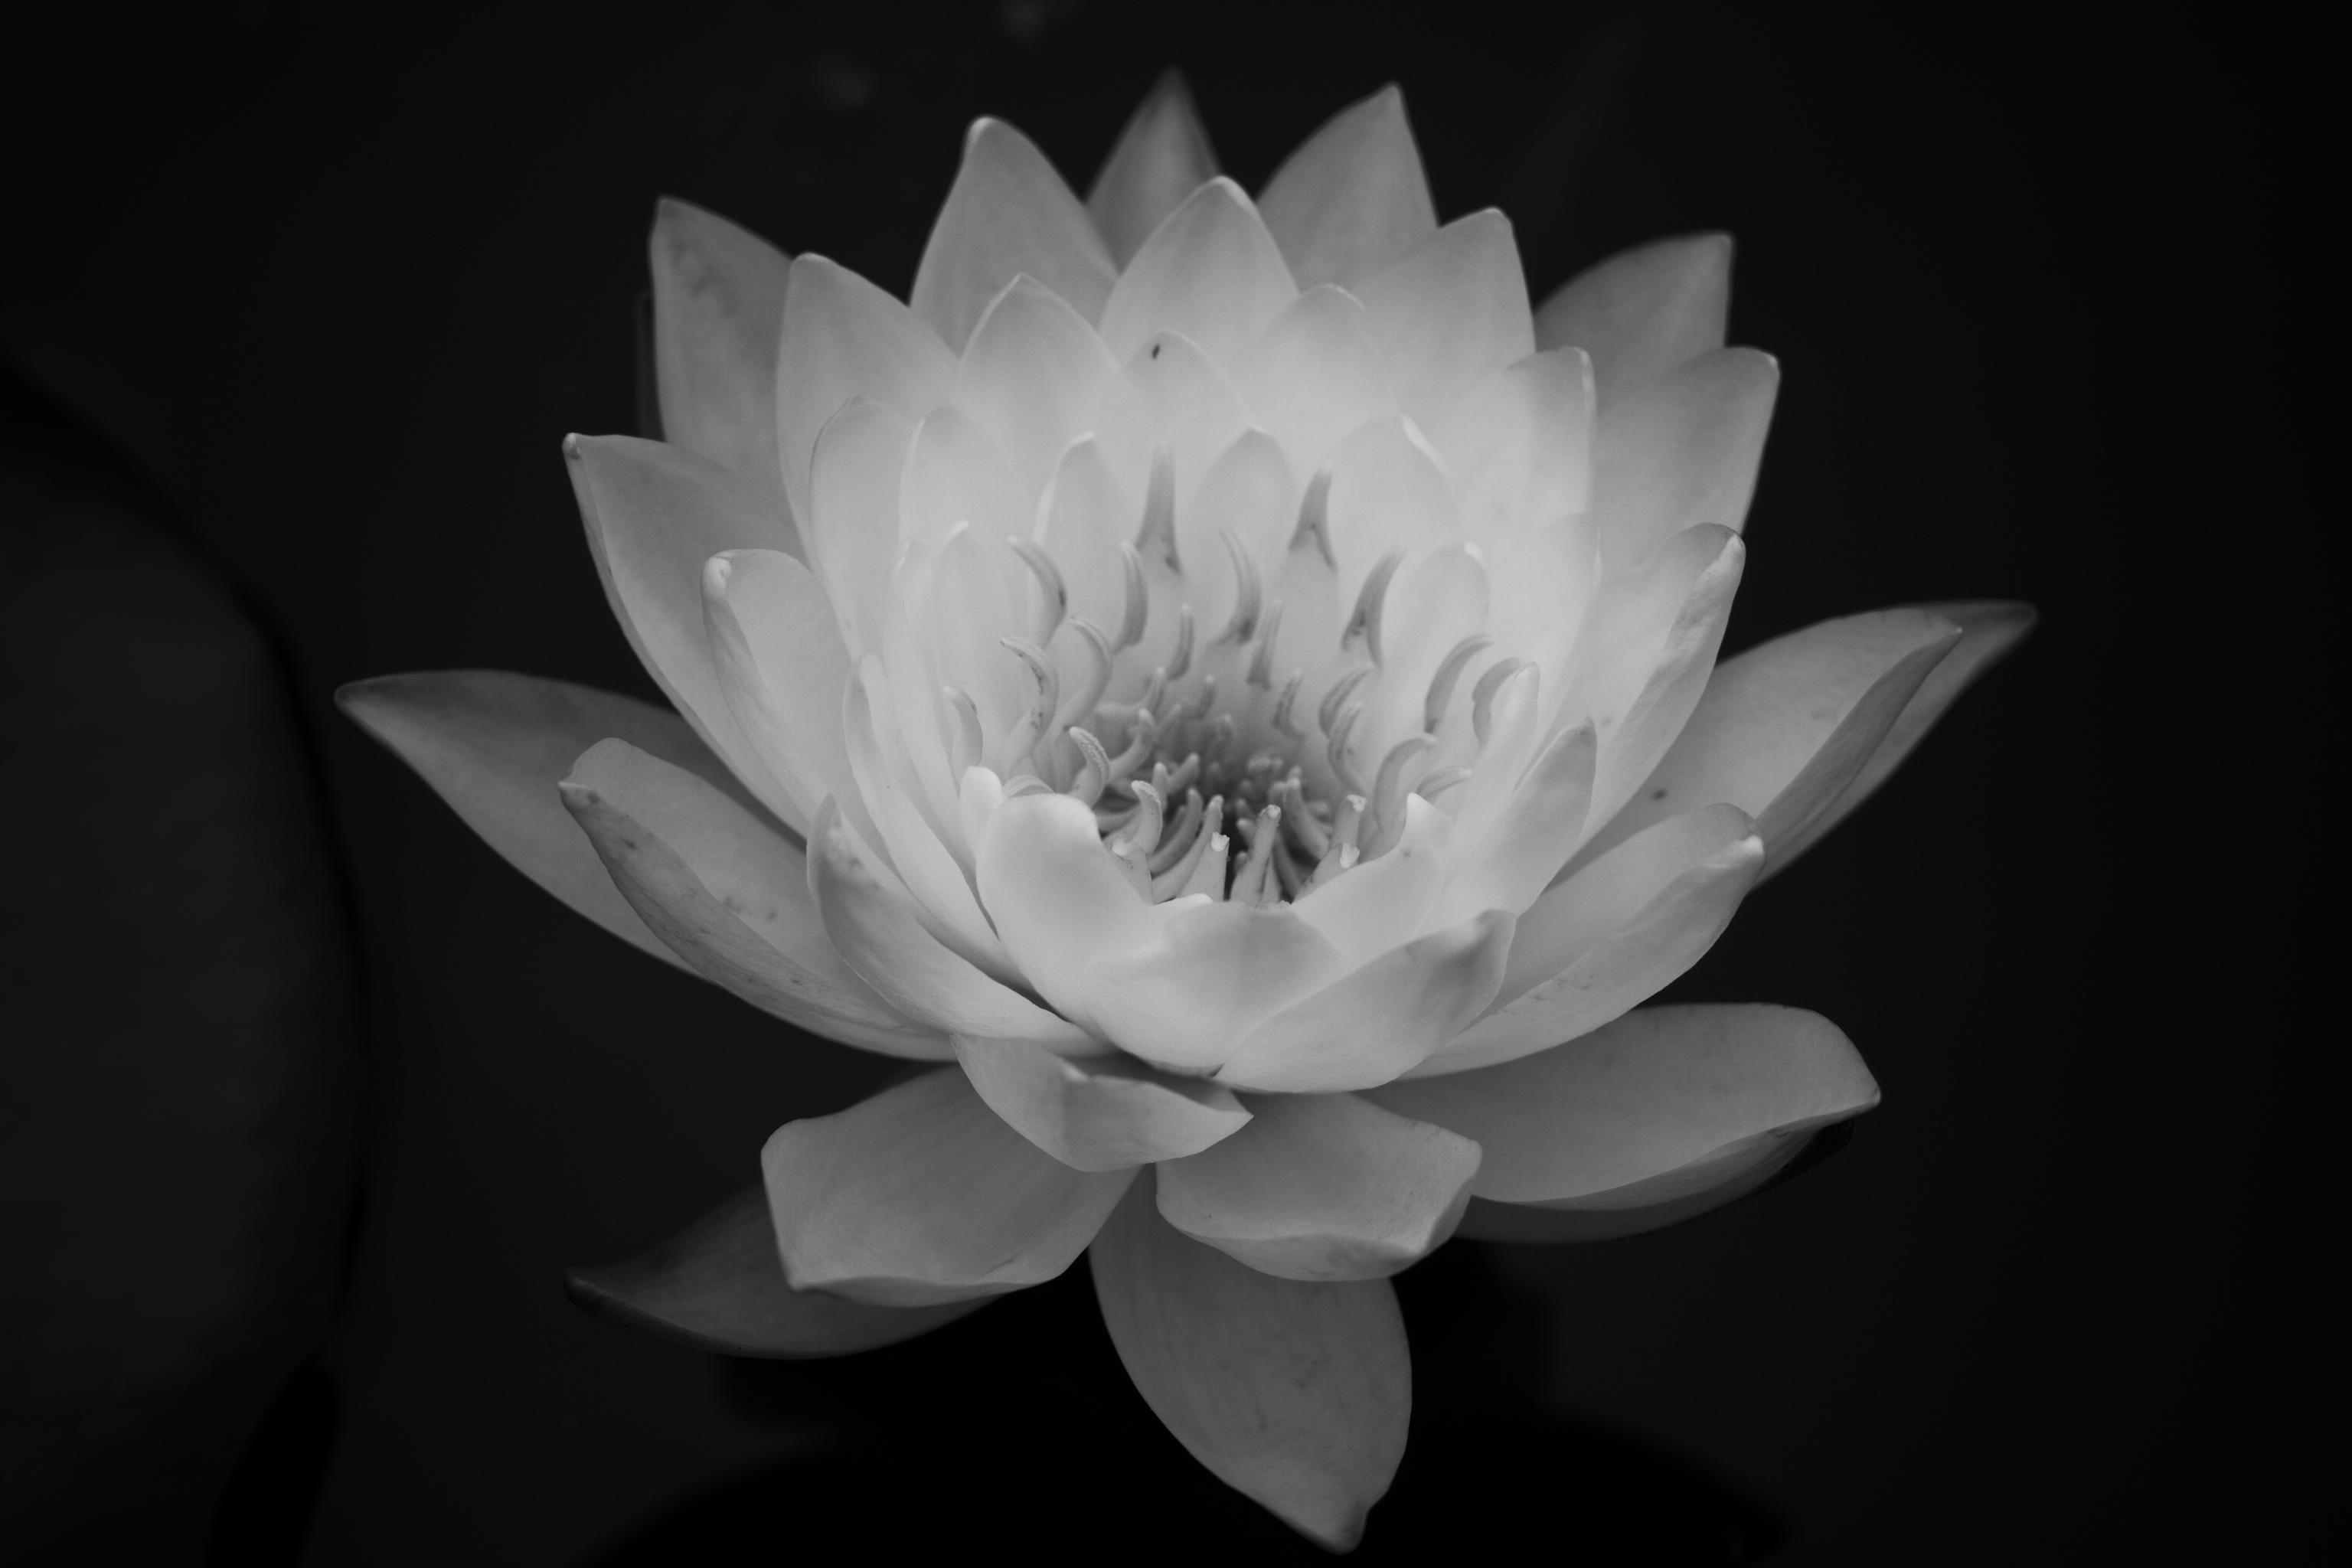 White lotus braden piper photography white lotus izmirmasajfo